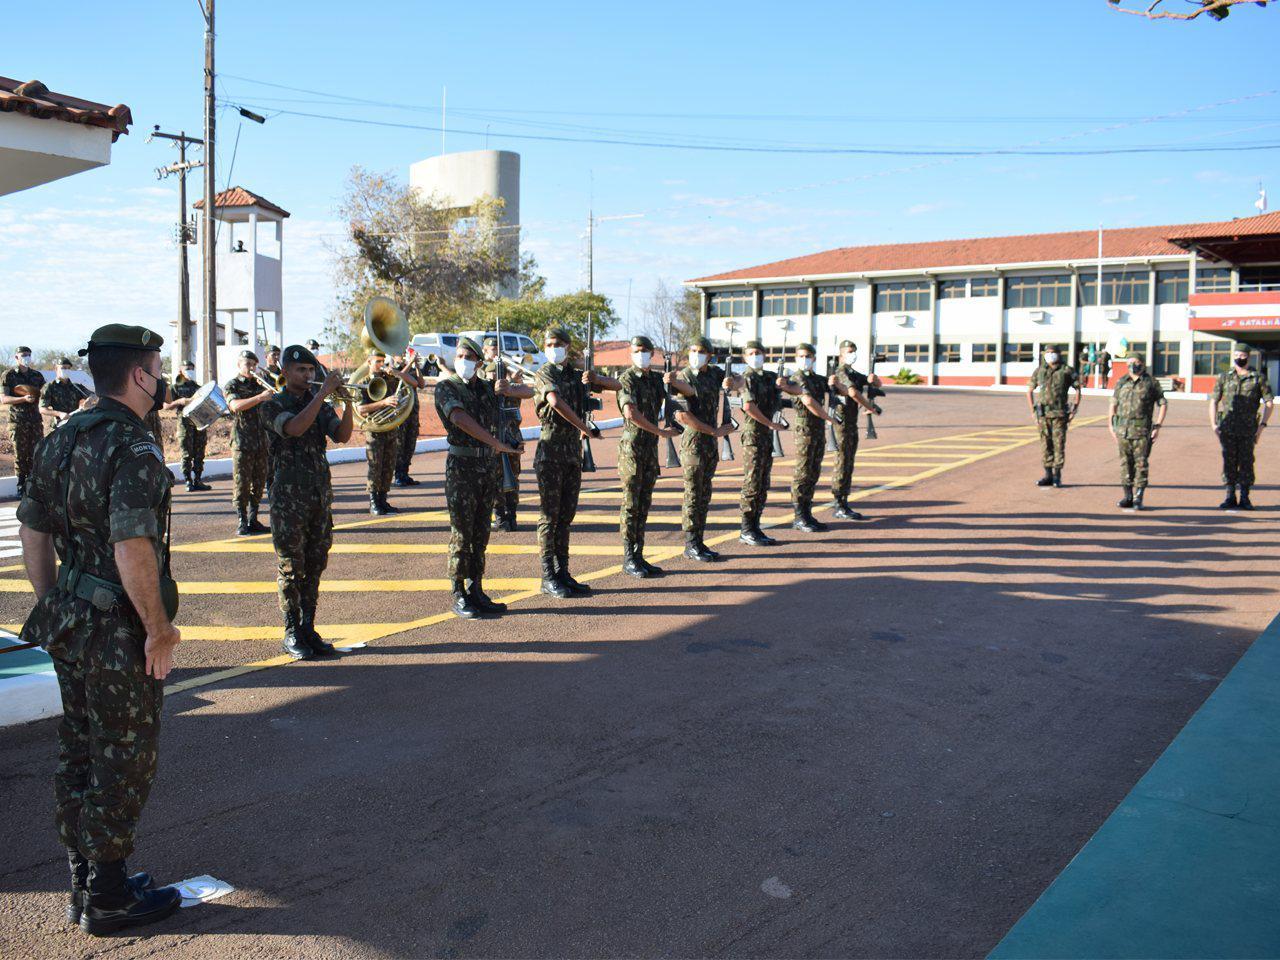 22º Batalhão de Infantaria recebe Visita de Orientação Técnica do Comandante da 3ª Brigada de Infantaria Motorizada